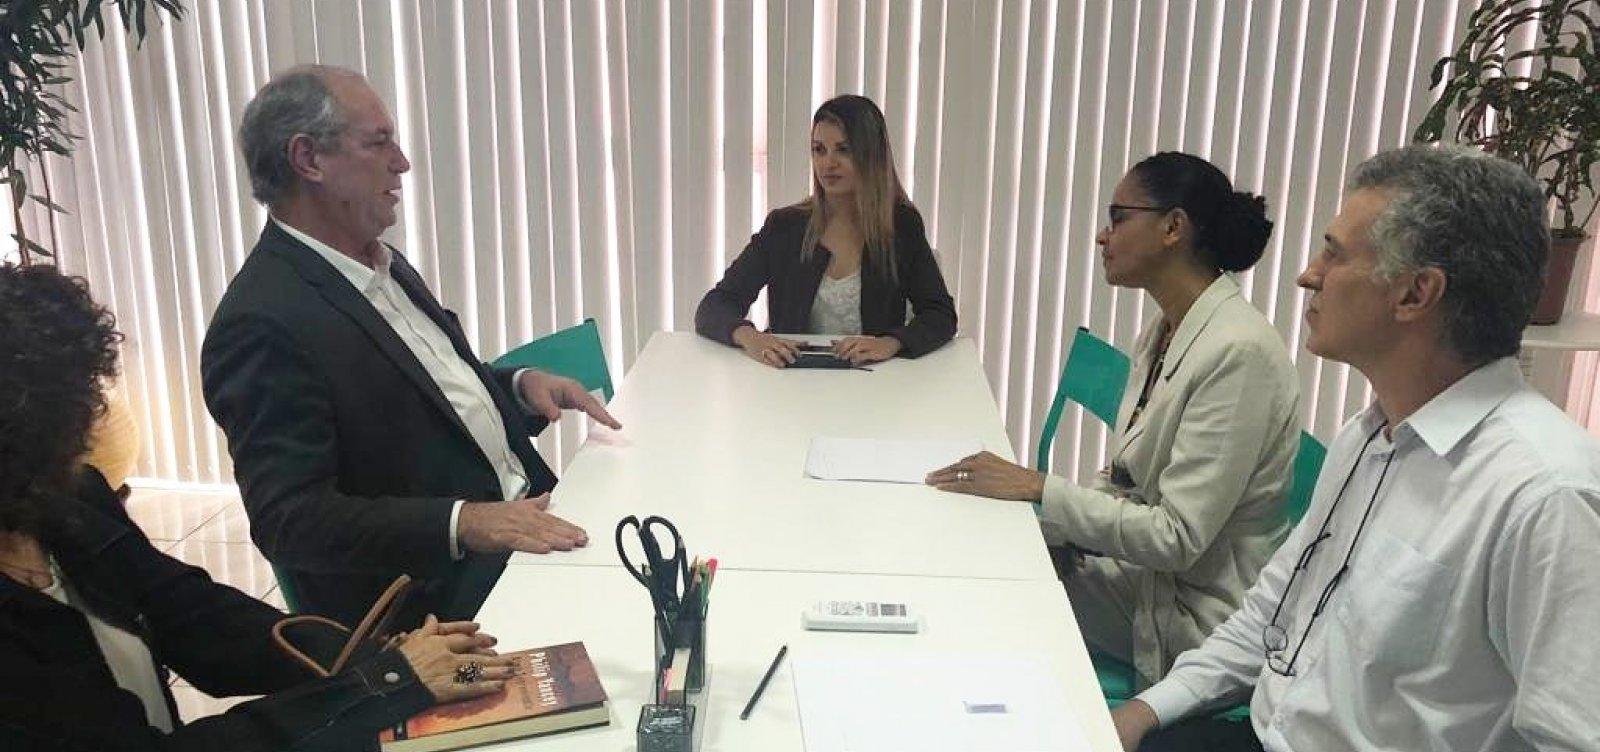 [Ciro Gomes visita Marina Silva para discutir futuro do Brasil e aliança como oposição]